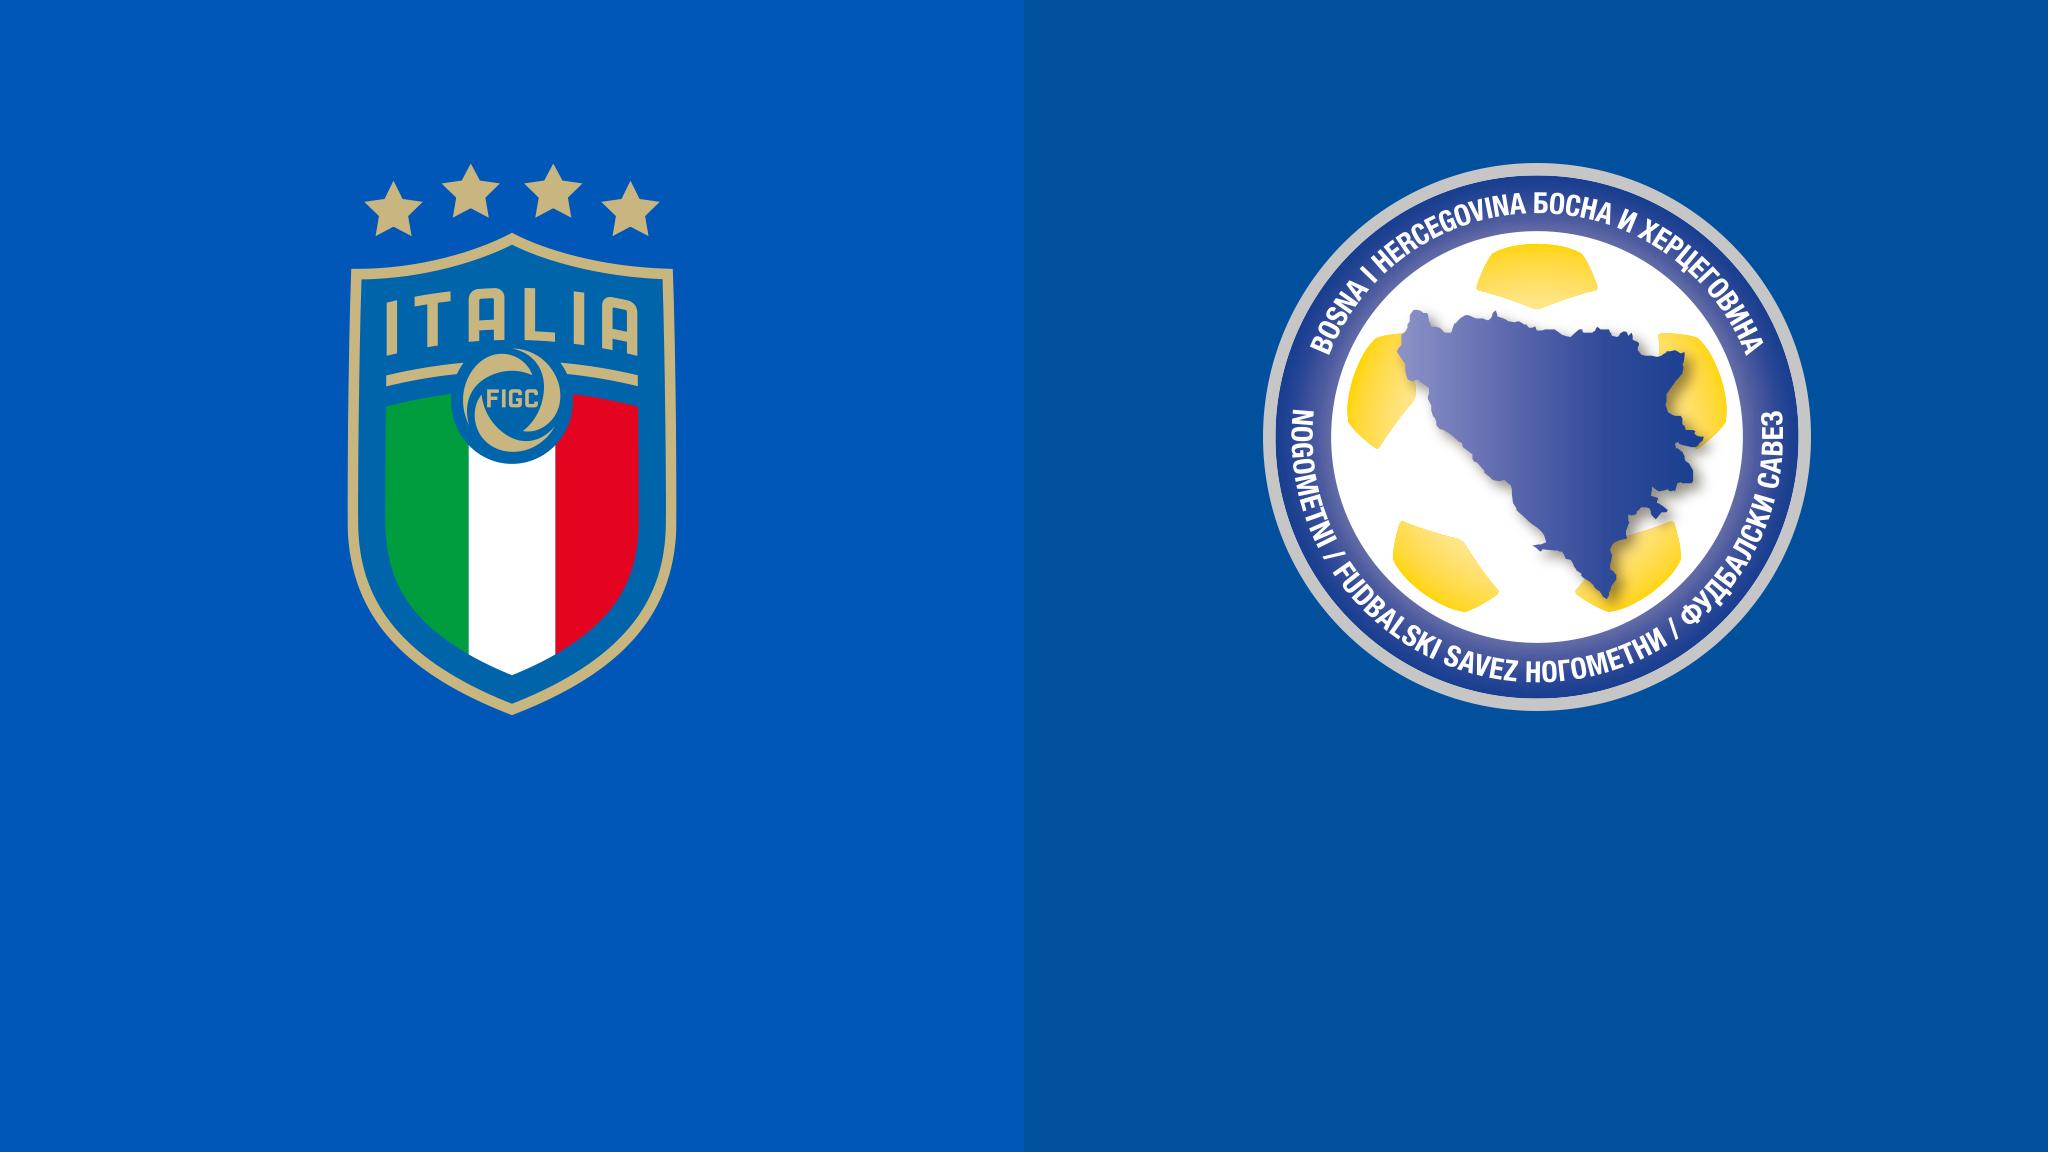 意大利vs波黑,曼奇尼一手好牌 能否打得出王炸效果?